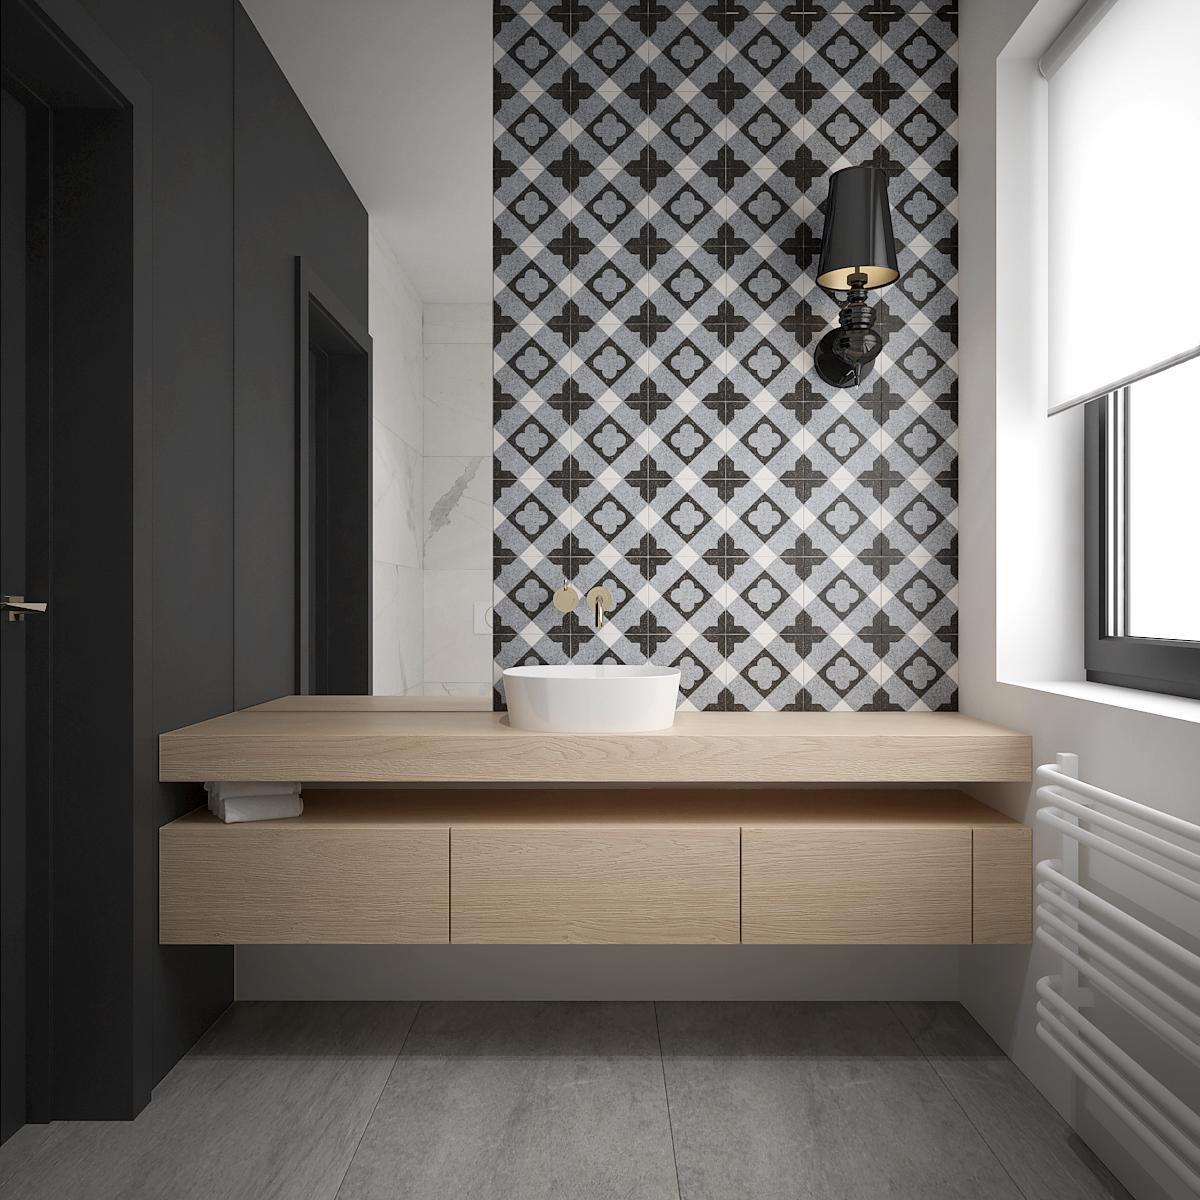 16 architek wnetrz D538 dom nowy sacz lazienka plytki rustykalne umywalka nablatowa drewniana zabudowa